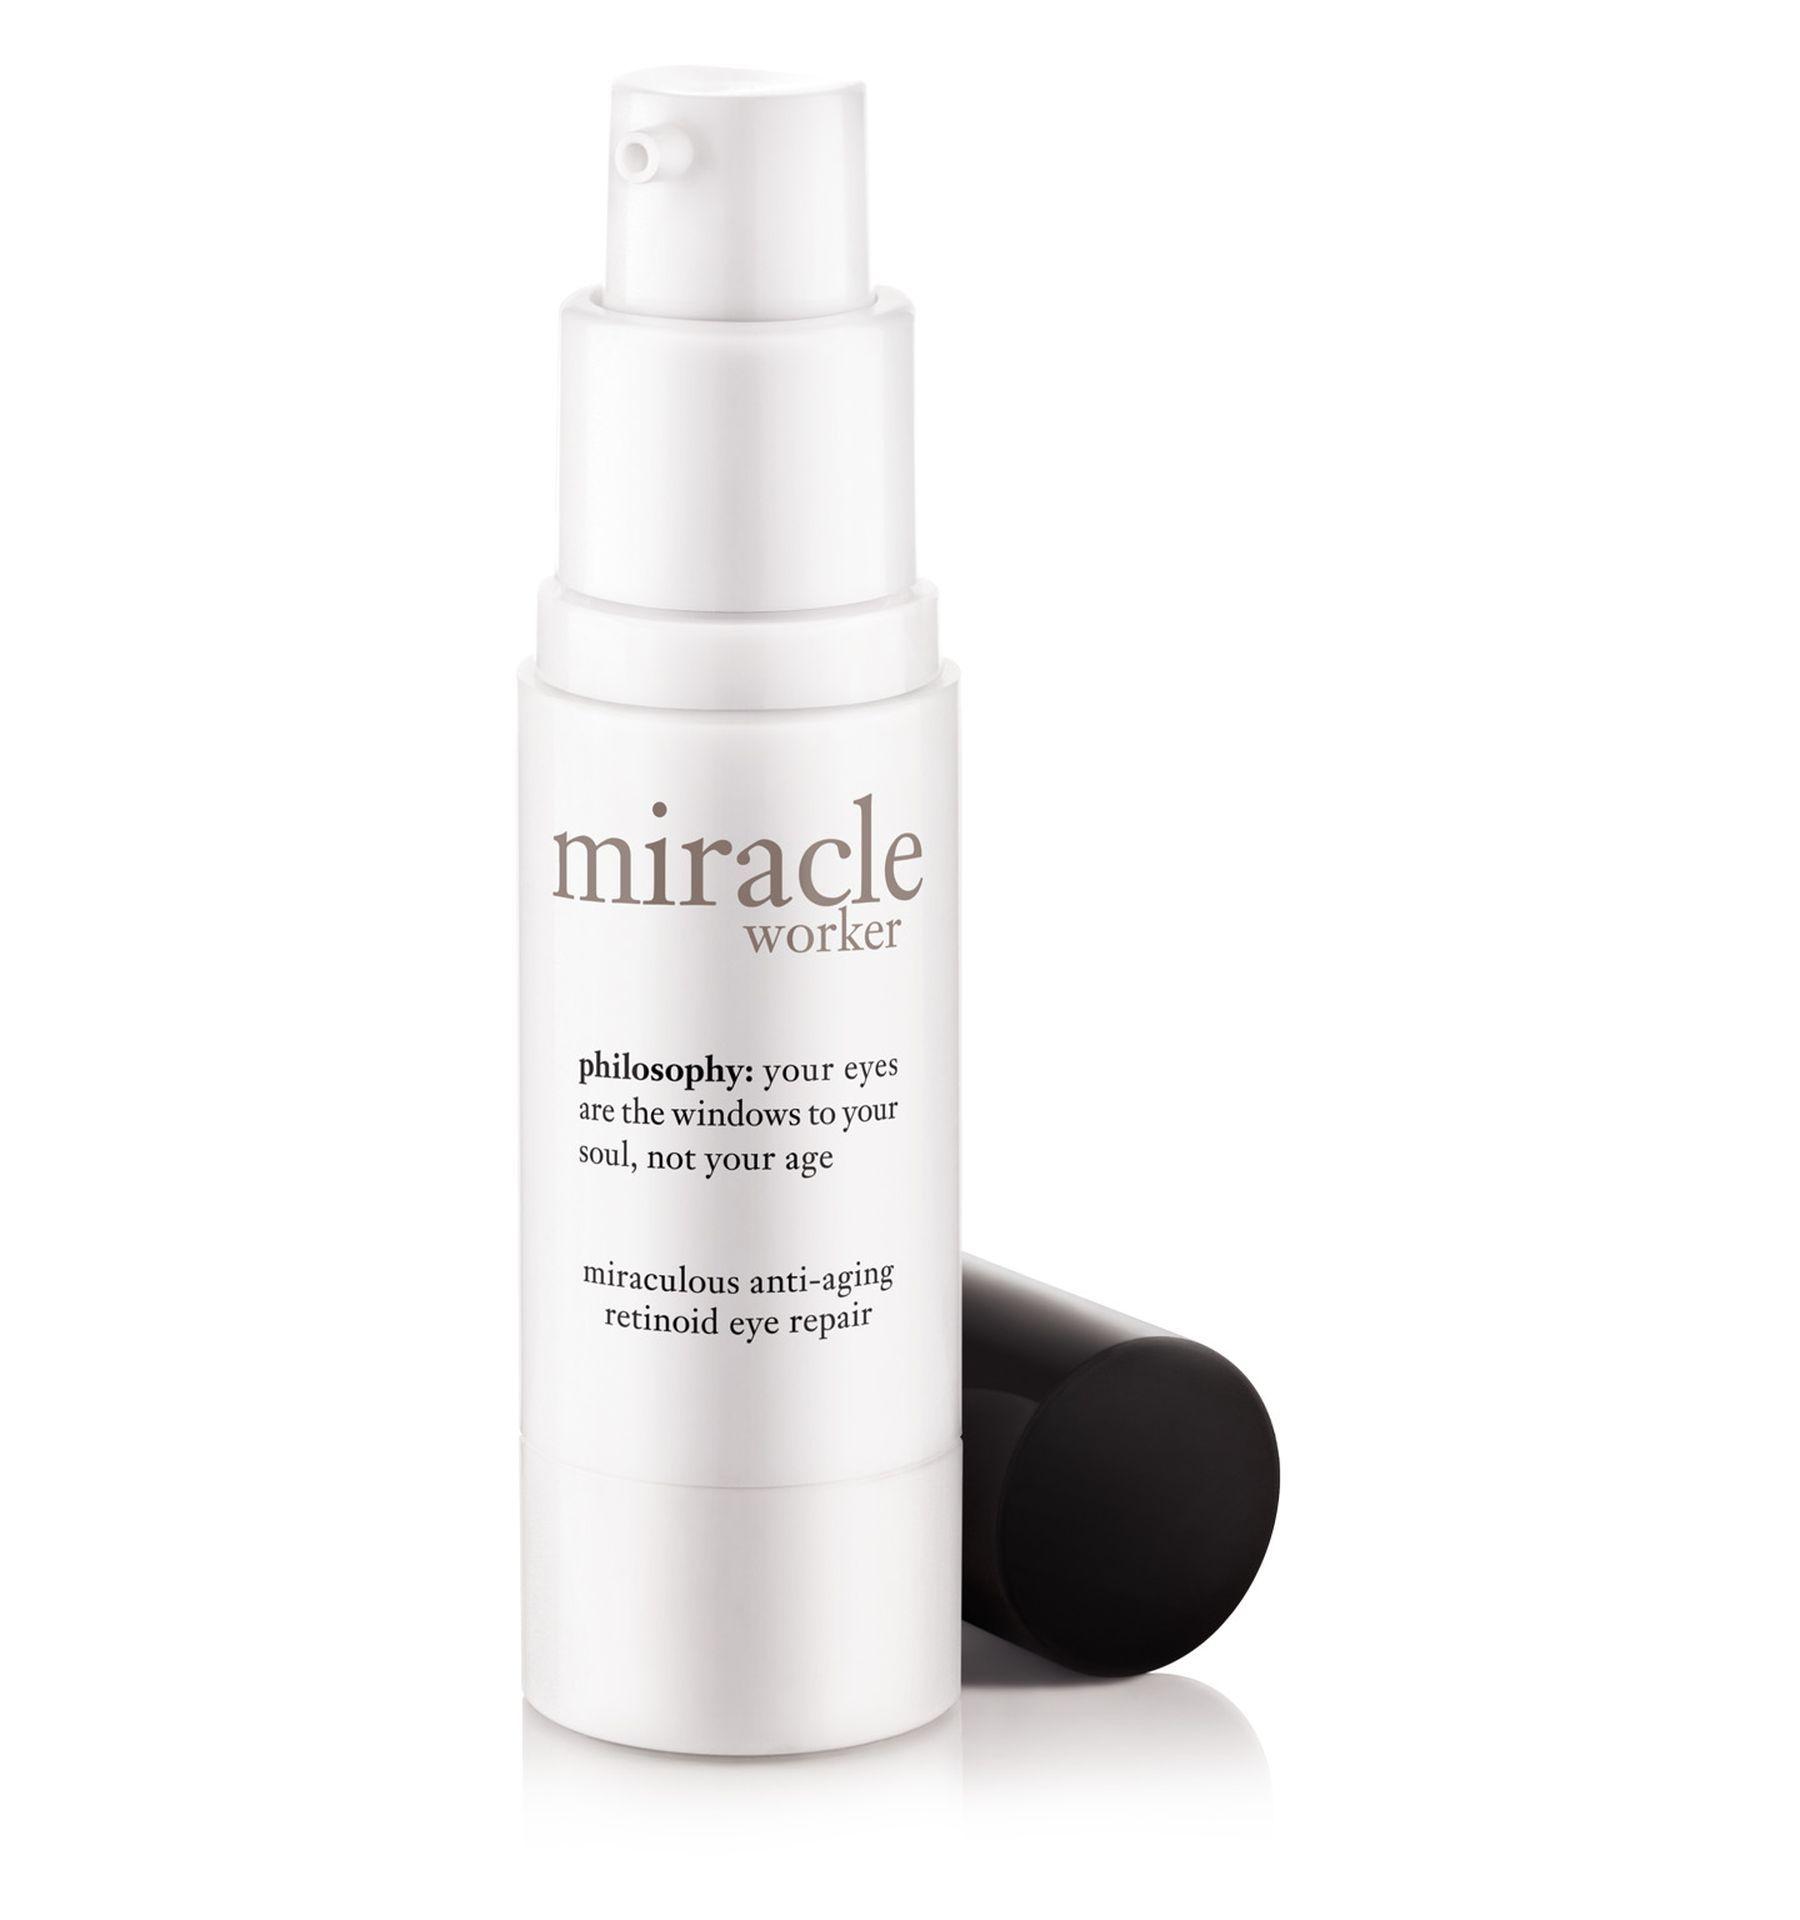 products/images/philosophy-miracleworkermiraculousantiagingretinoideyerepair.jpg